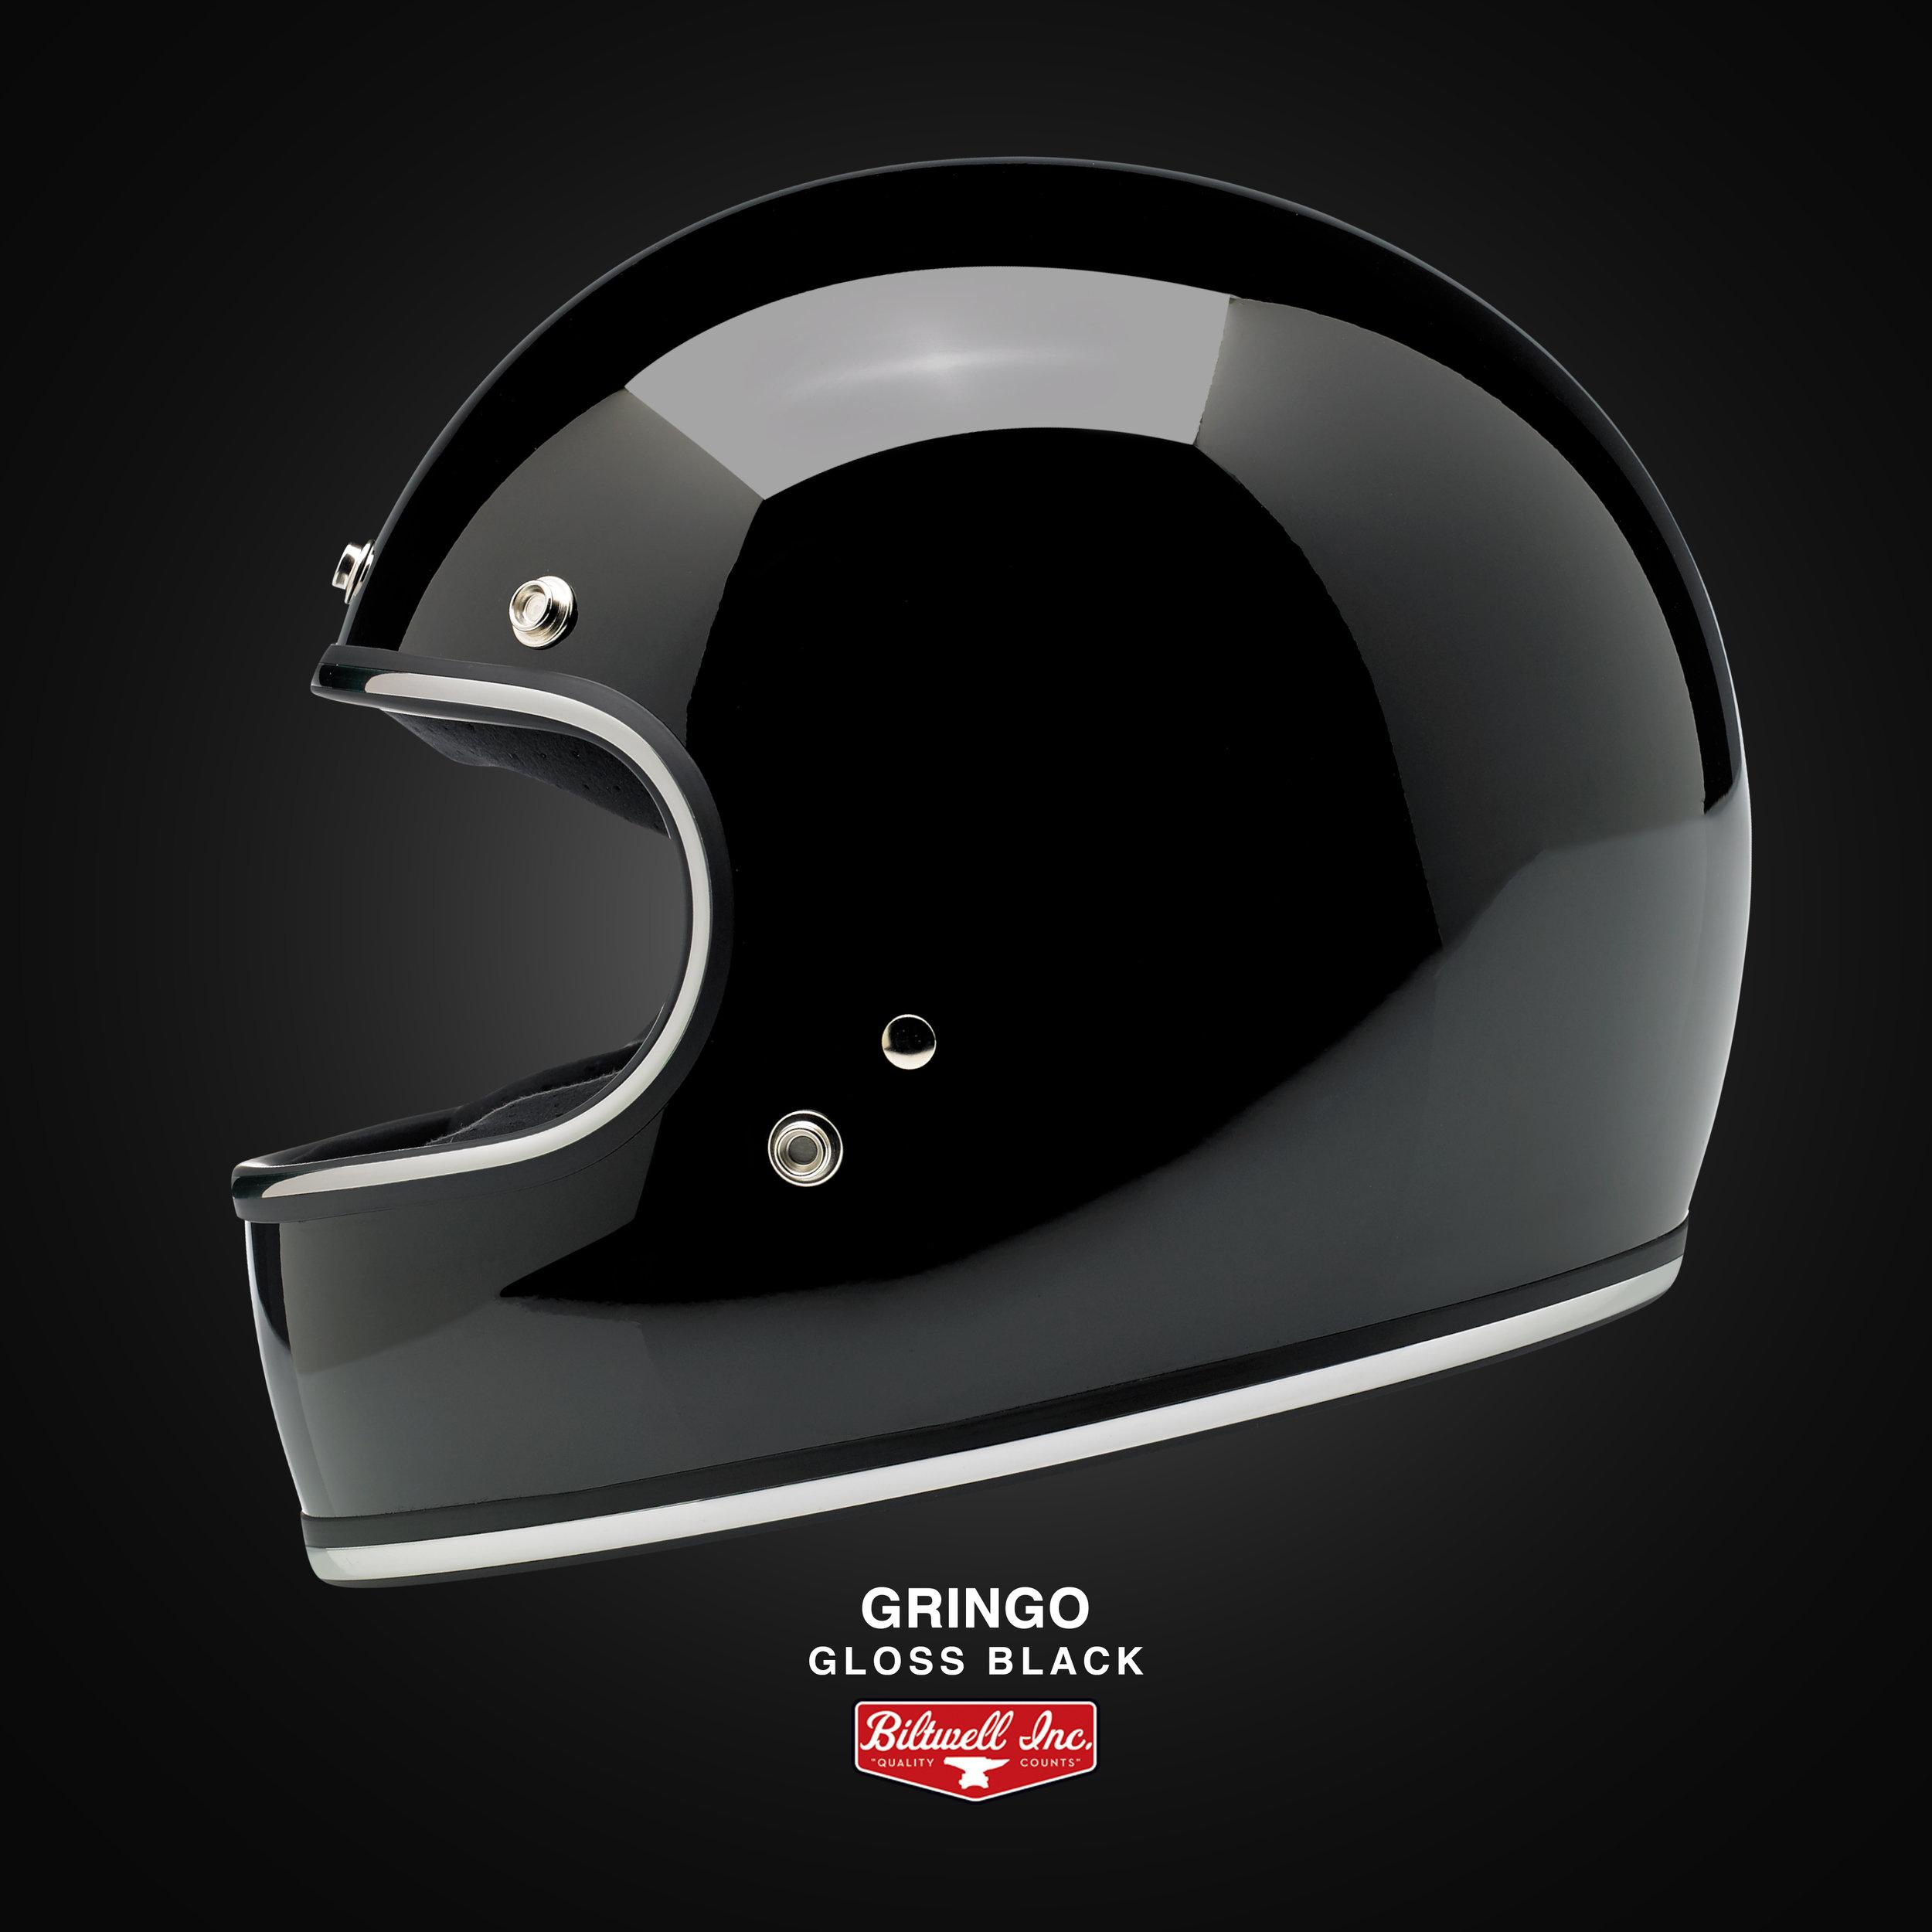 1002-101_Gloss Black Gringo Helmet Panel.jpg